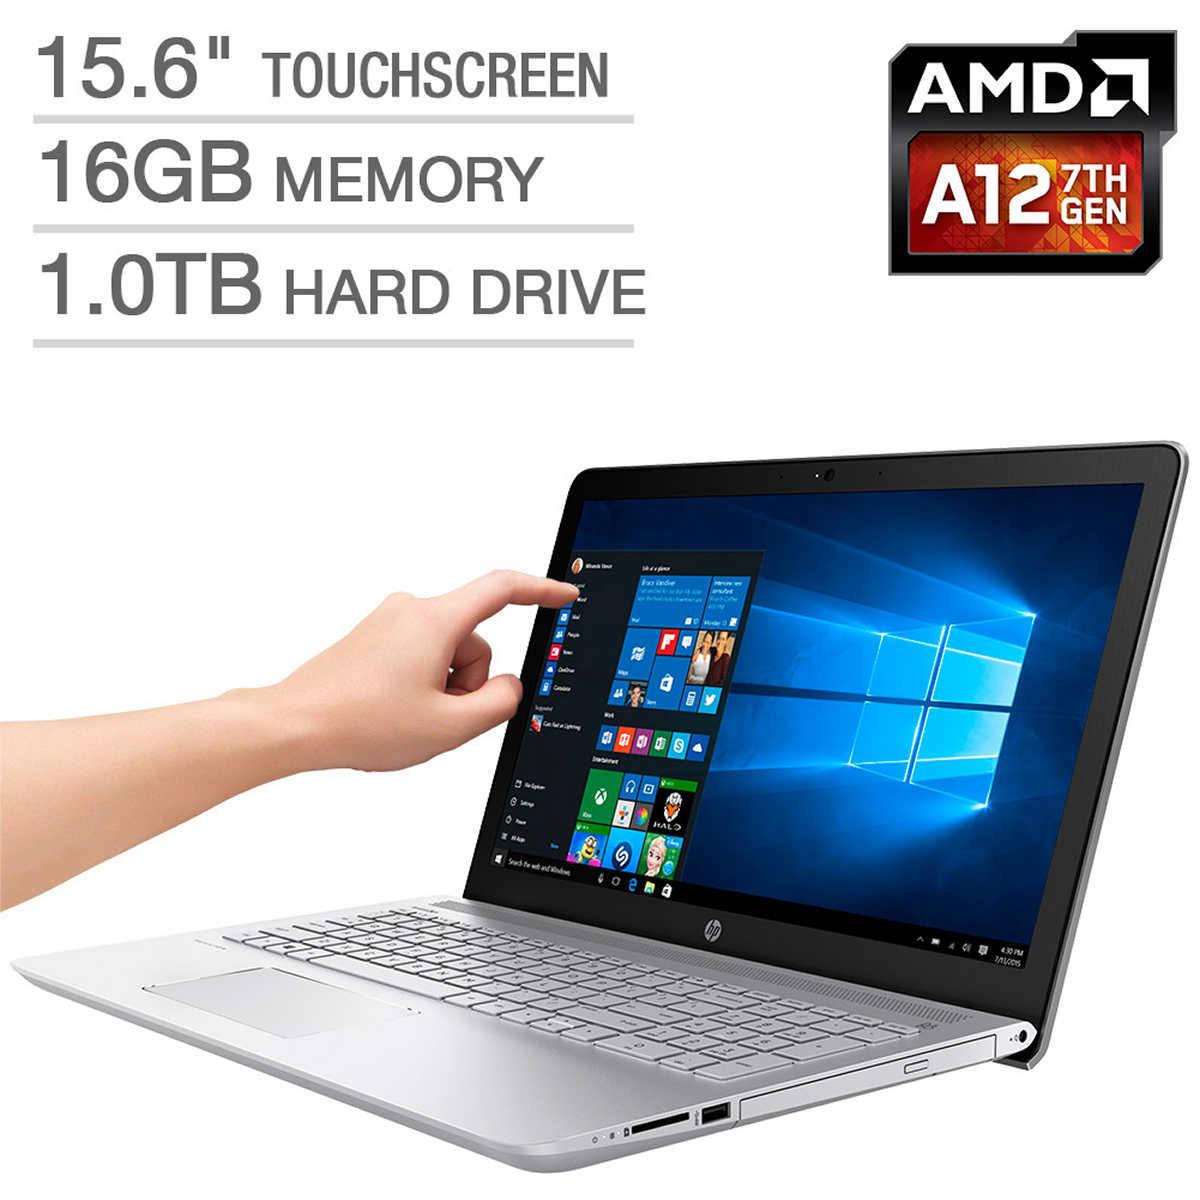 HP Pavilion 15z Touchscreen Laptop - AMD A12 - 1080p $599.99 + $14.95 shipping